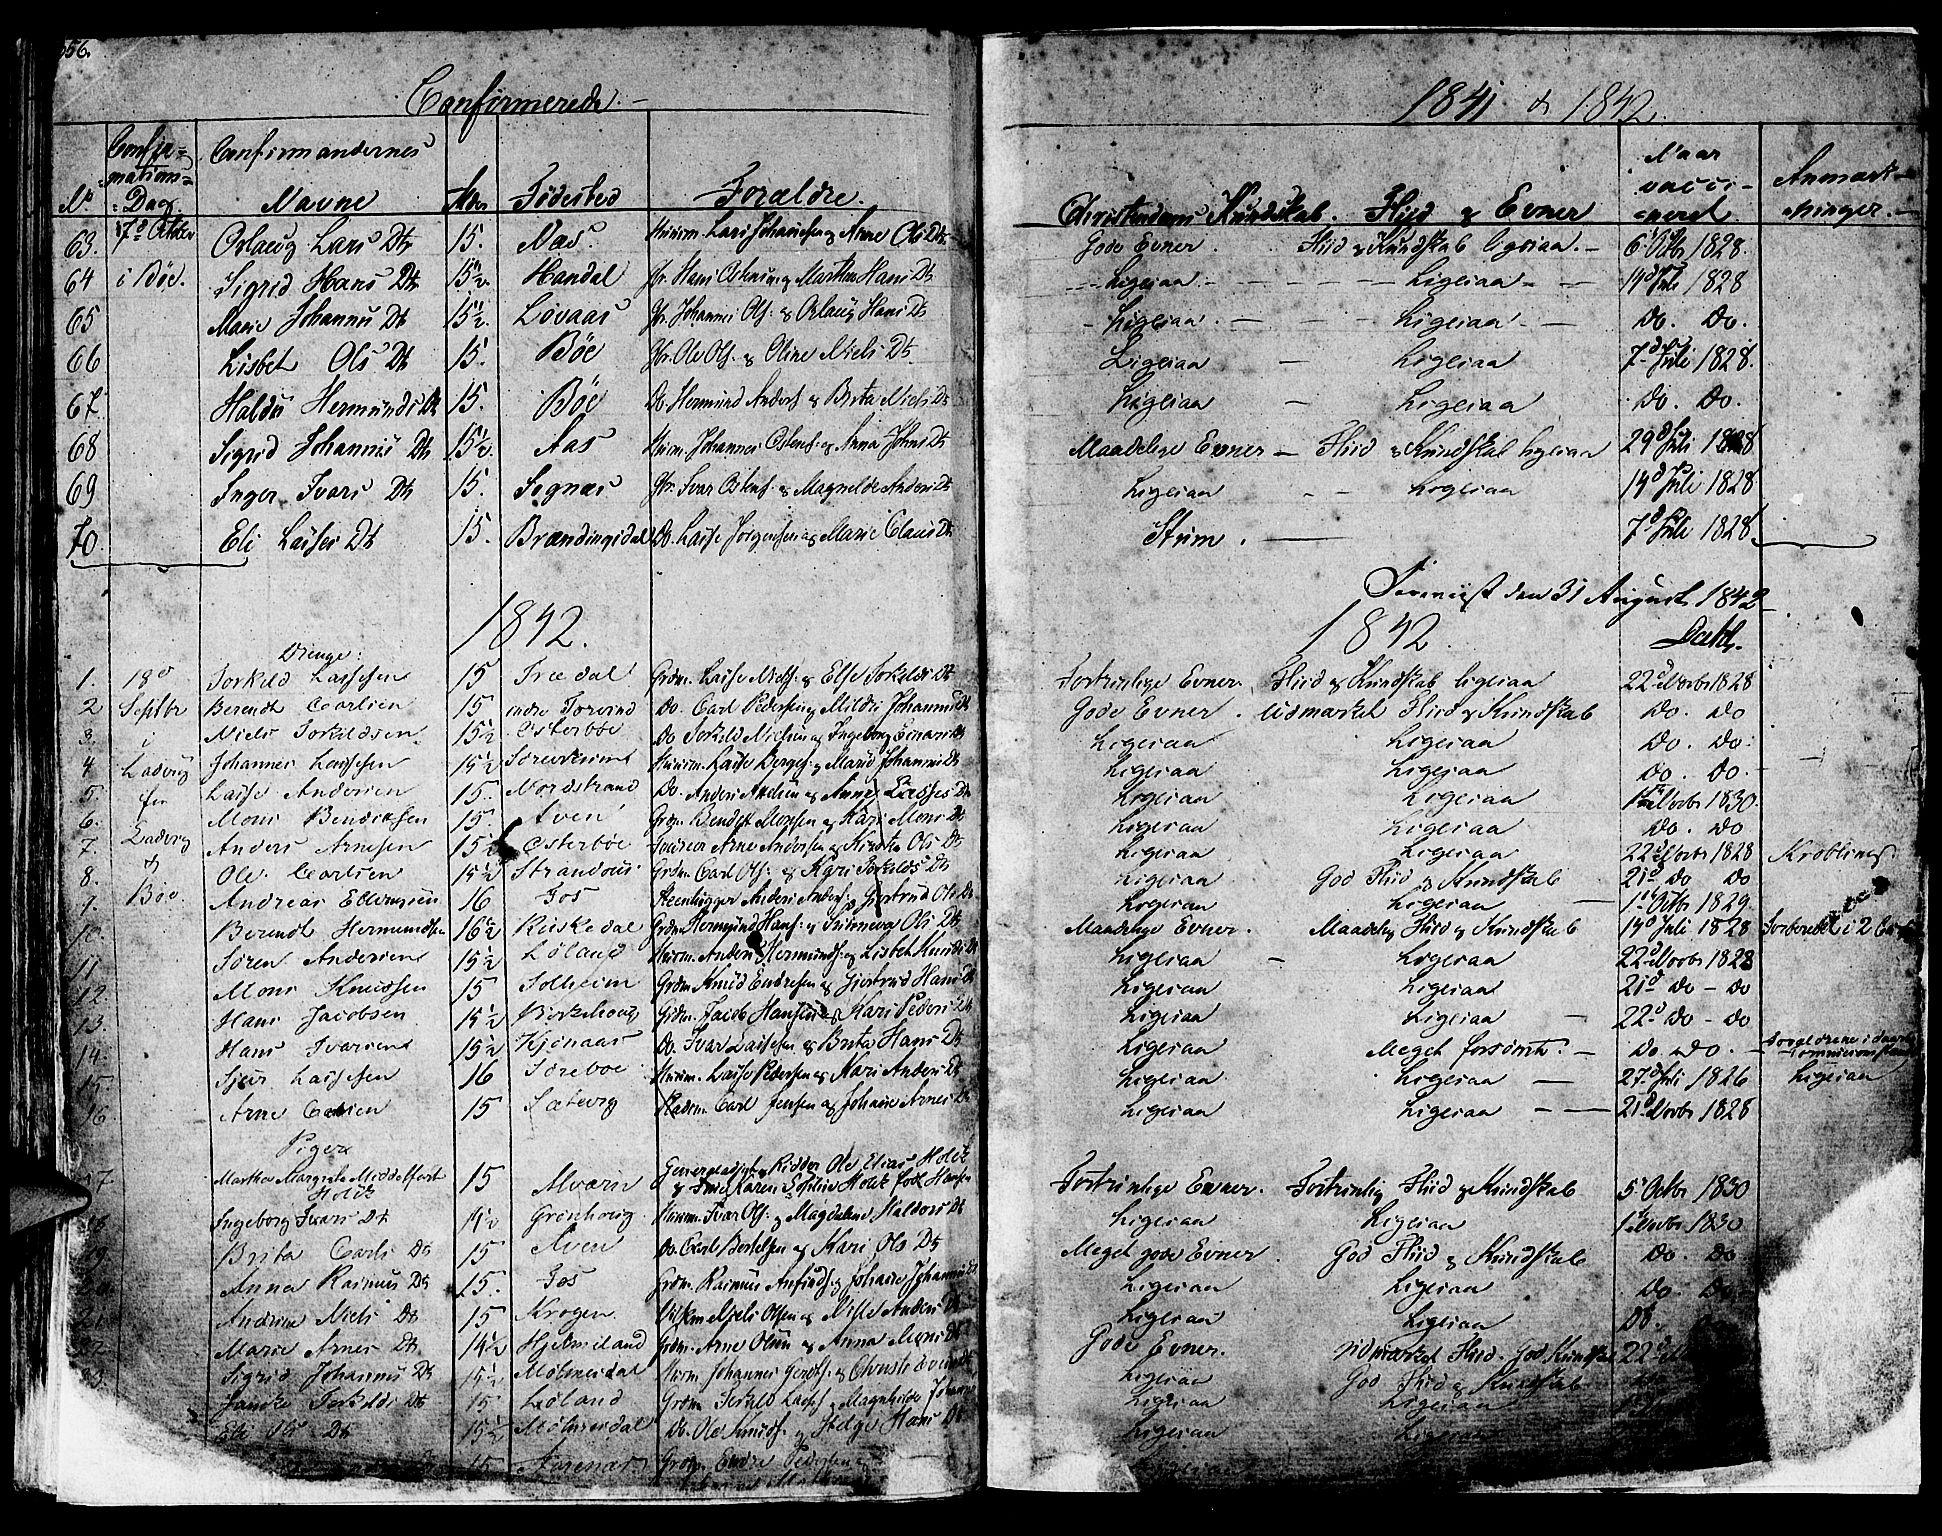 SAB, Lavik sokneprestembete, Ministerialbok nr. A 2I, 1821-1842, s. 356